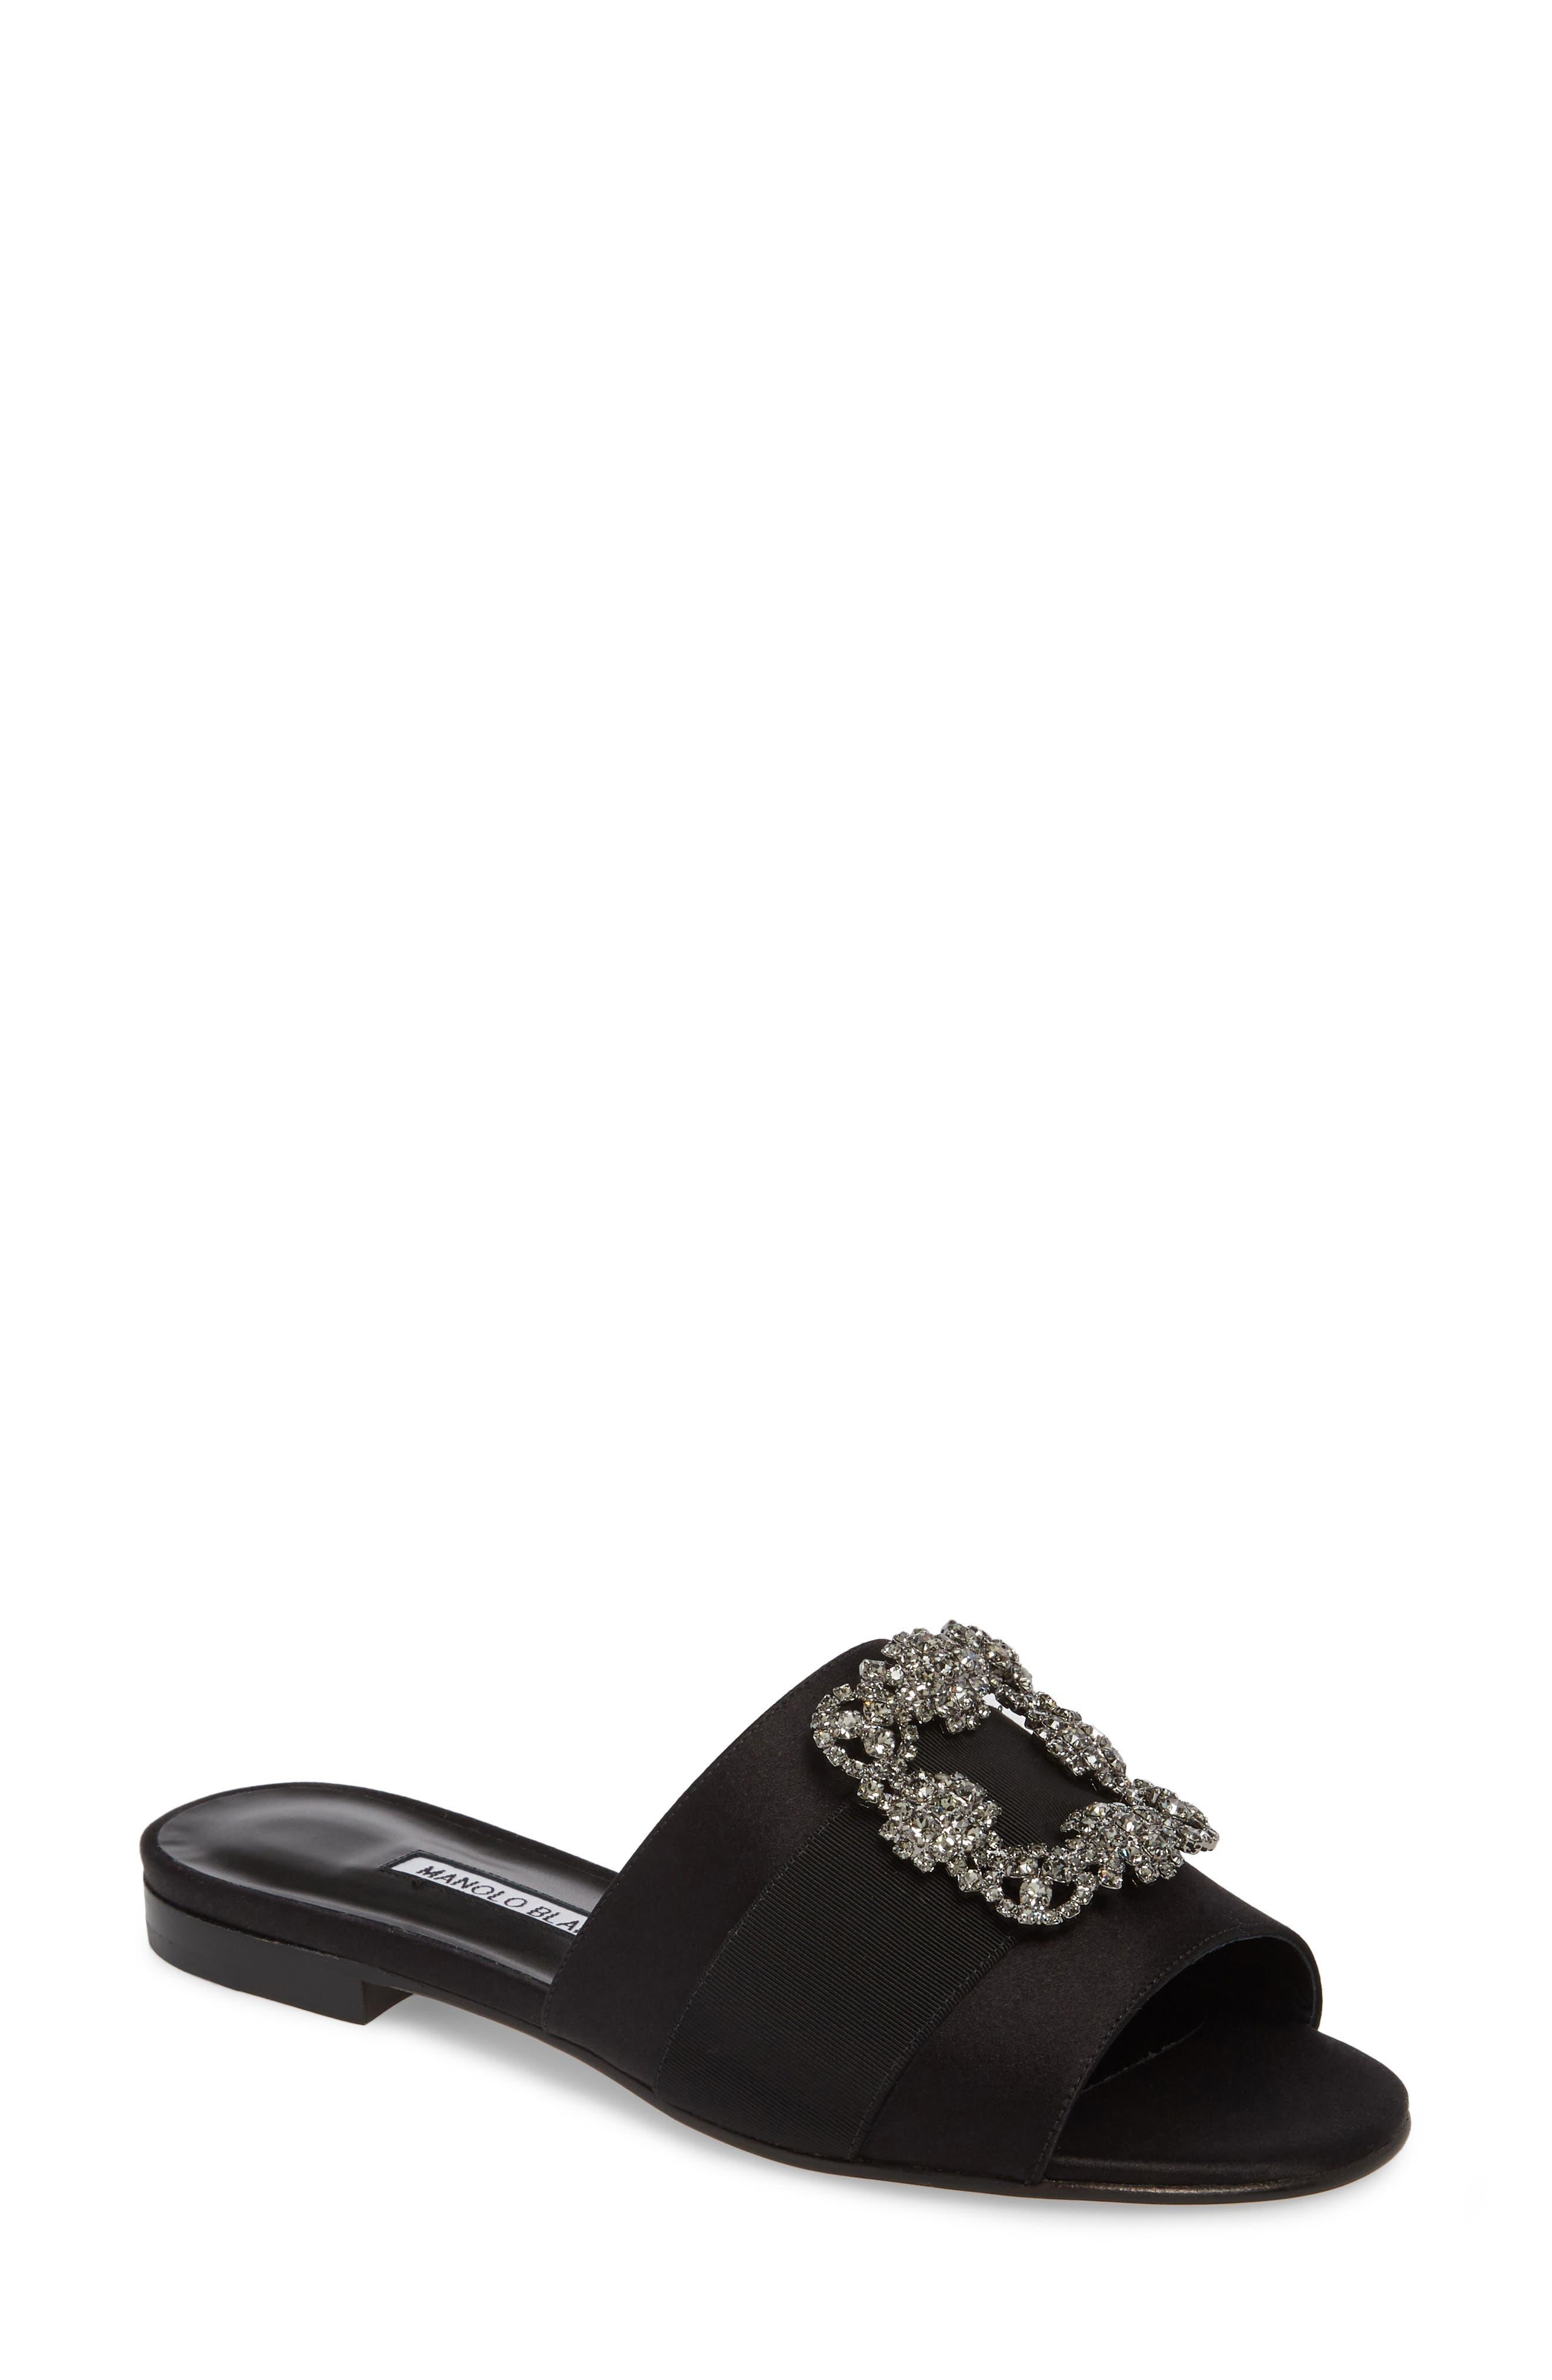 Martamod Crystal Embellished Slide Sandal,                         Main,                         color, 001